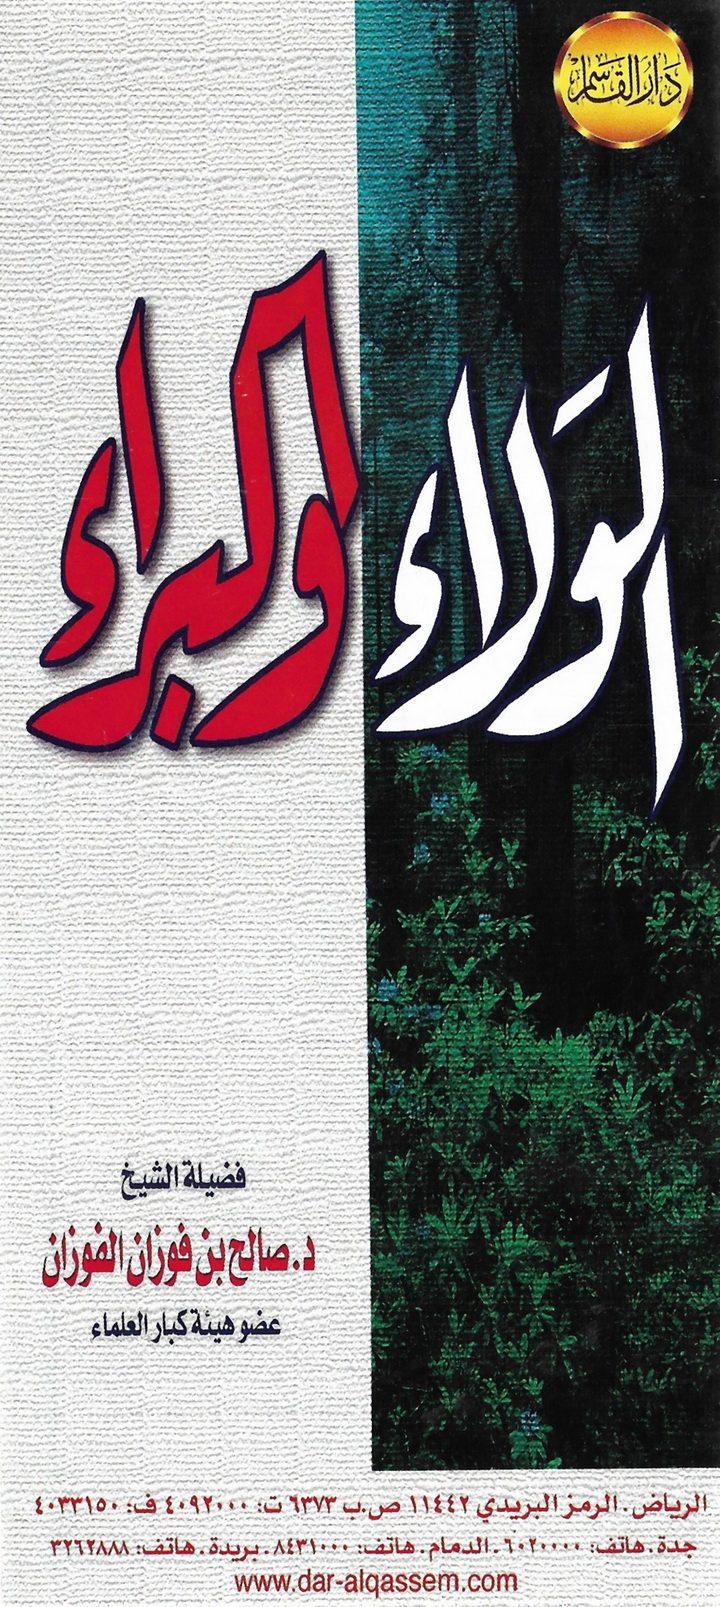 الولاء والبراء (صالح بن فوزان الفوزان – دار القاسم)